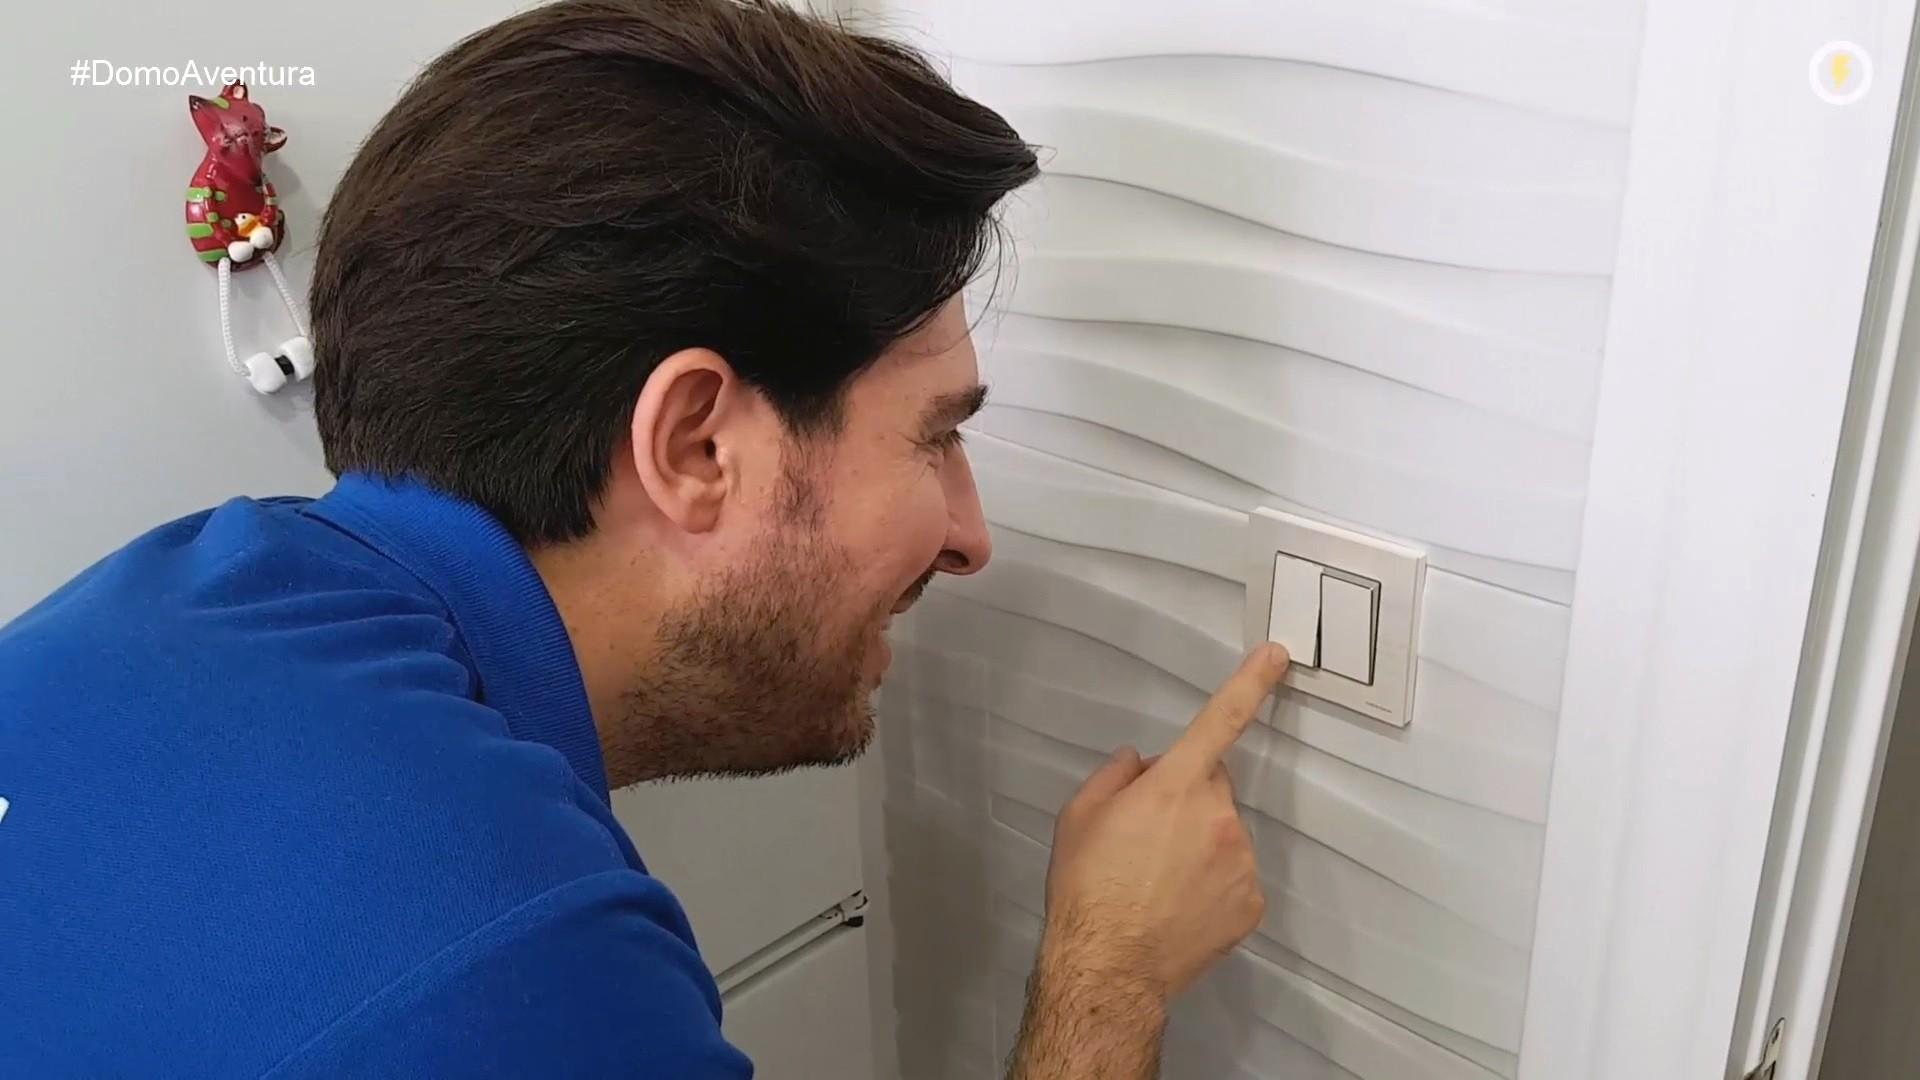 como_instalar_mecanismo_doble_interruptor_niessen_sky_reforma_cocina_fase_5_manuel_amate_domo_electra